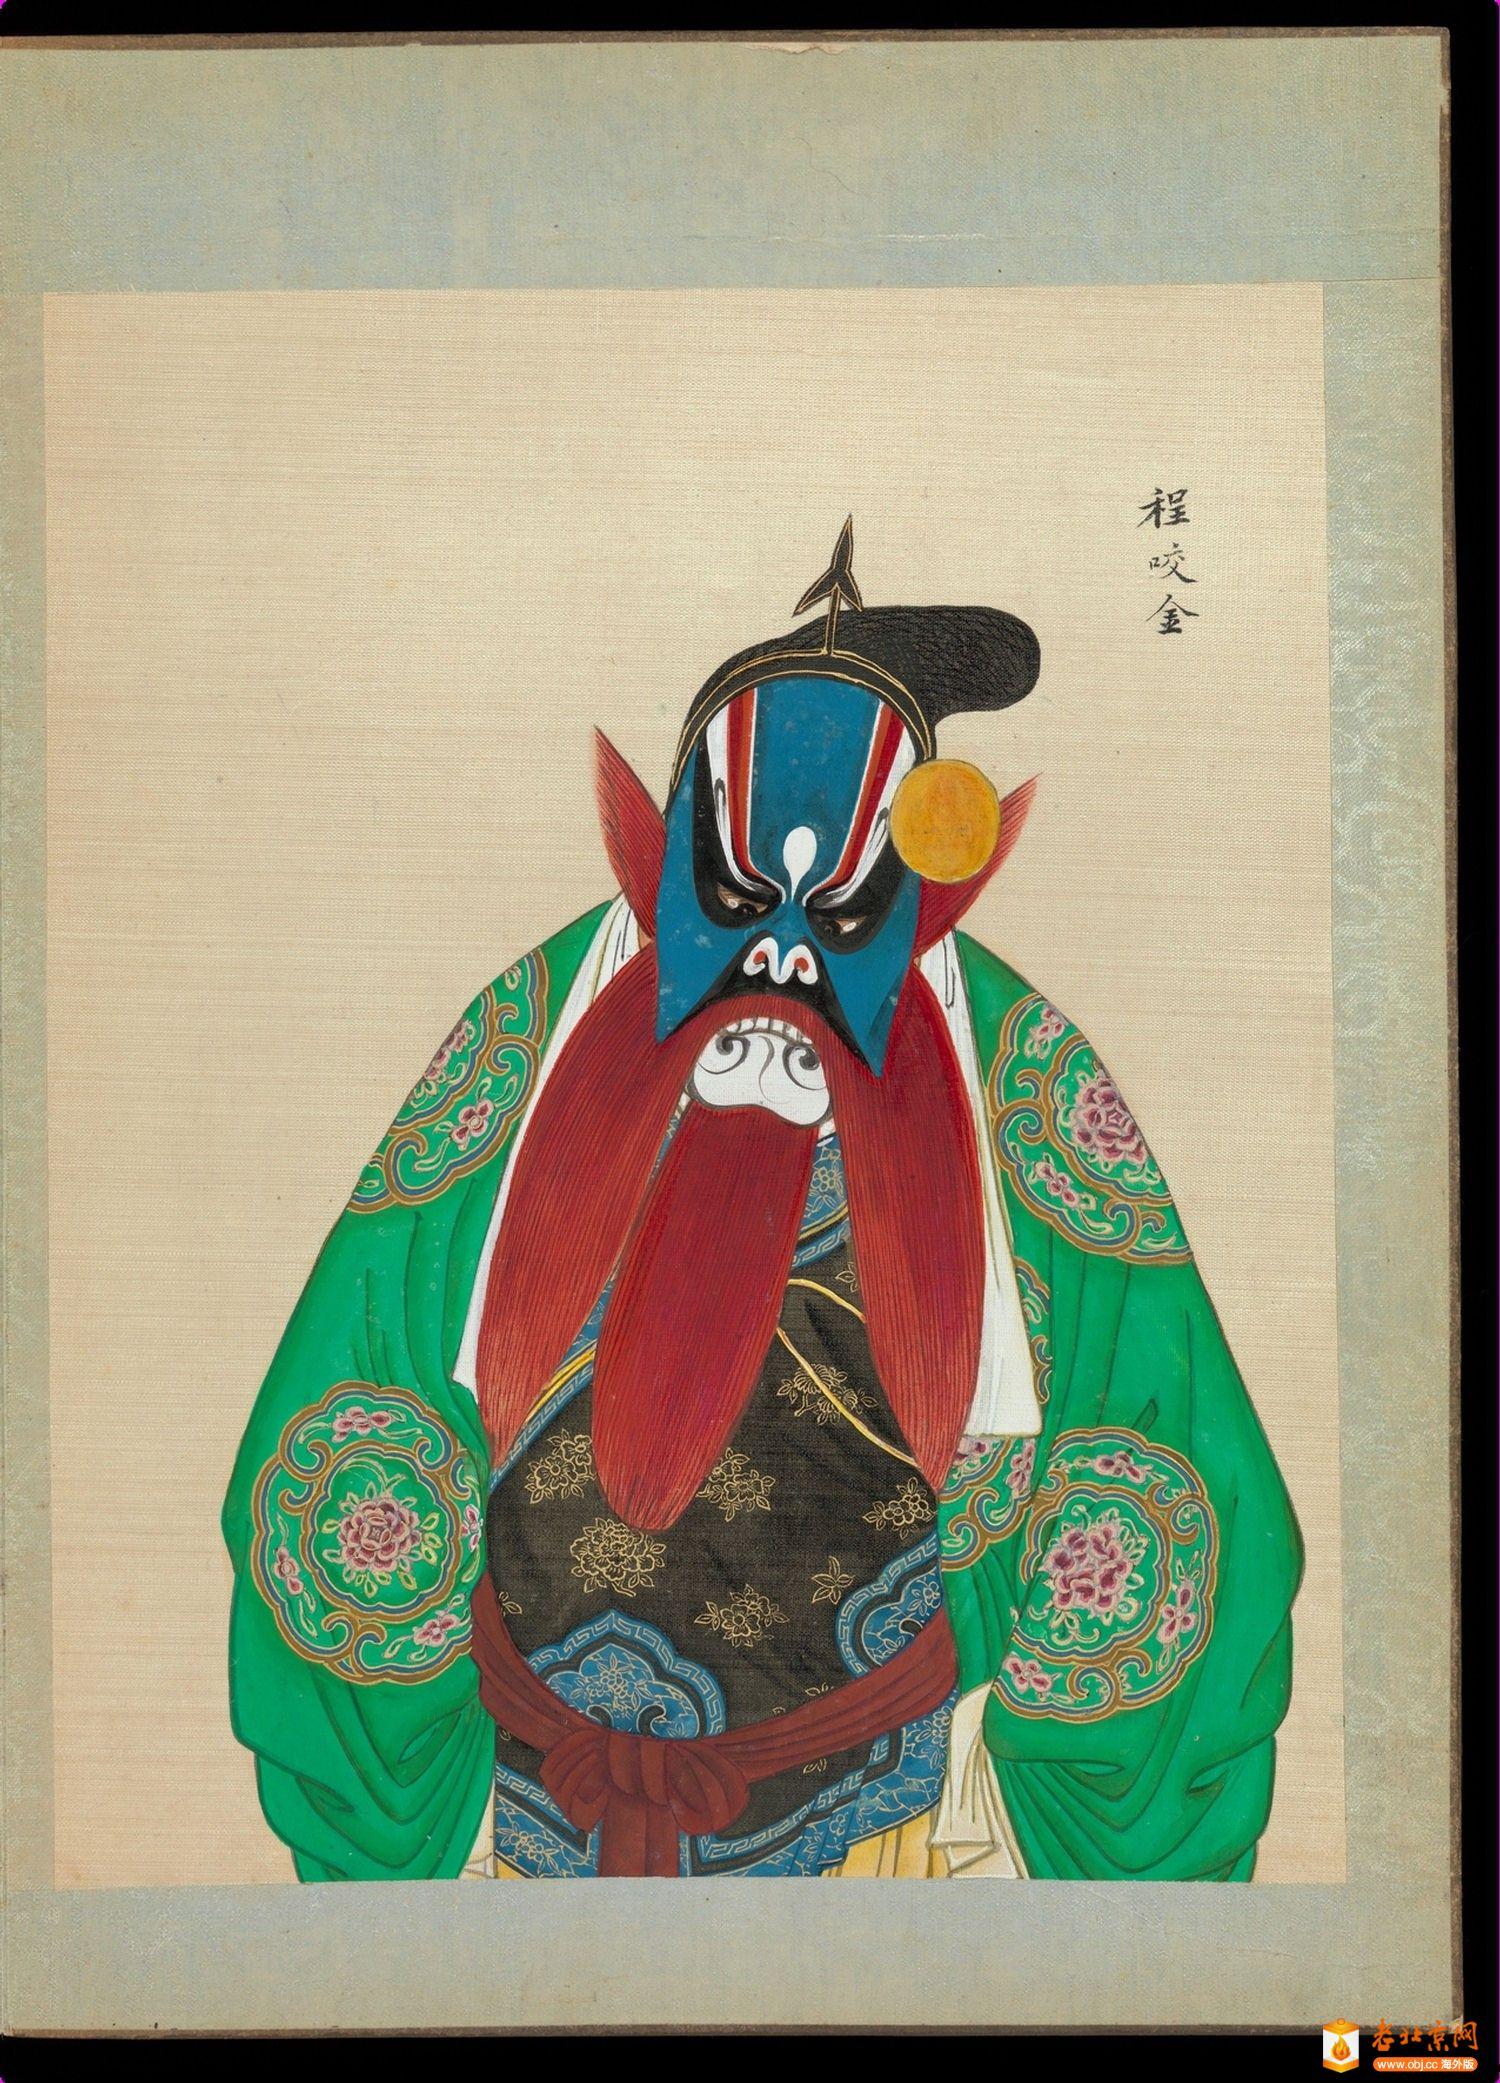 百幅京剧人物图.清代_page59_image1 - 複製.jpg